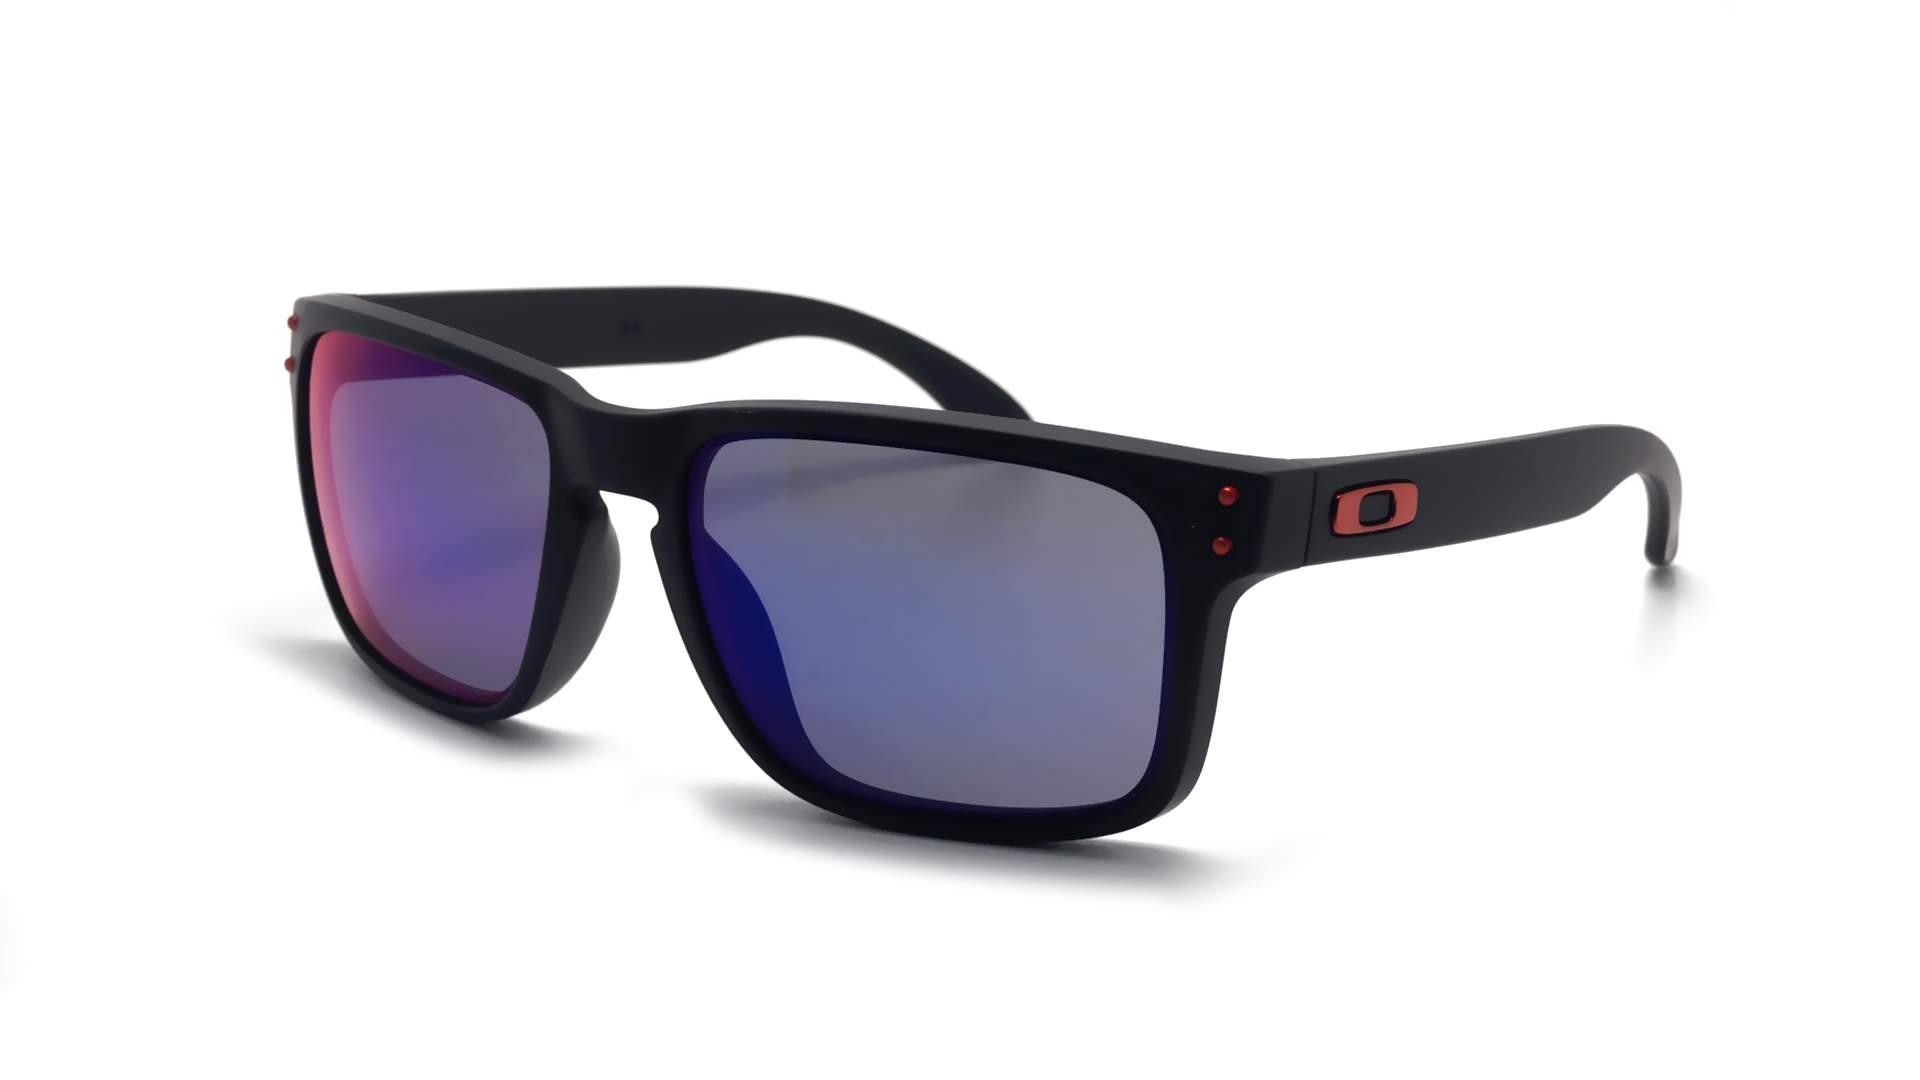 4395912314 Sunglasses Oakley Holbrook Black Matte Iridium OO9102 36 55-18 Medium Mirror